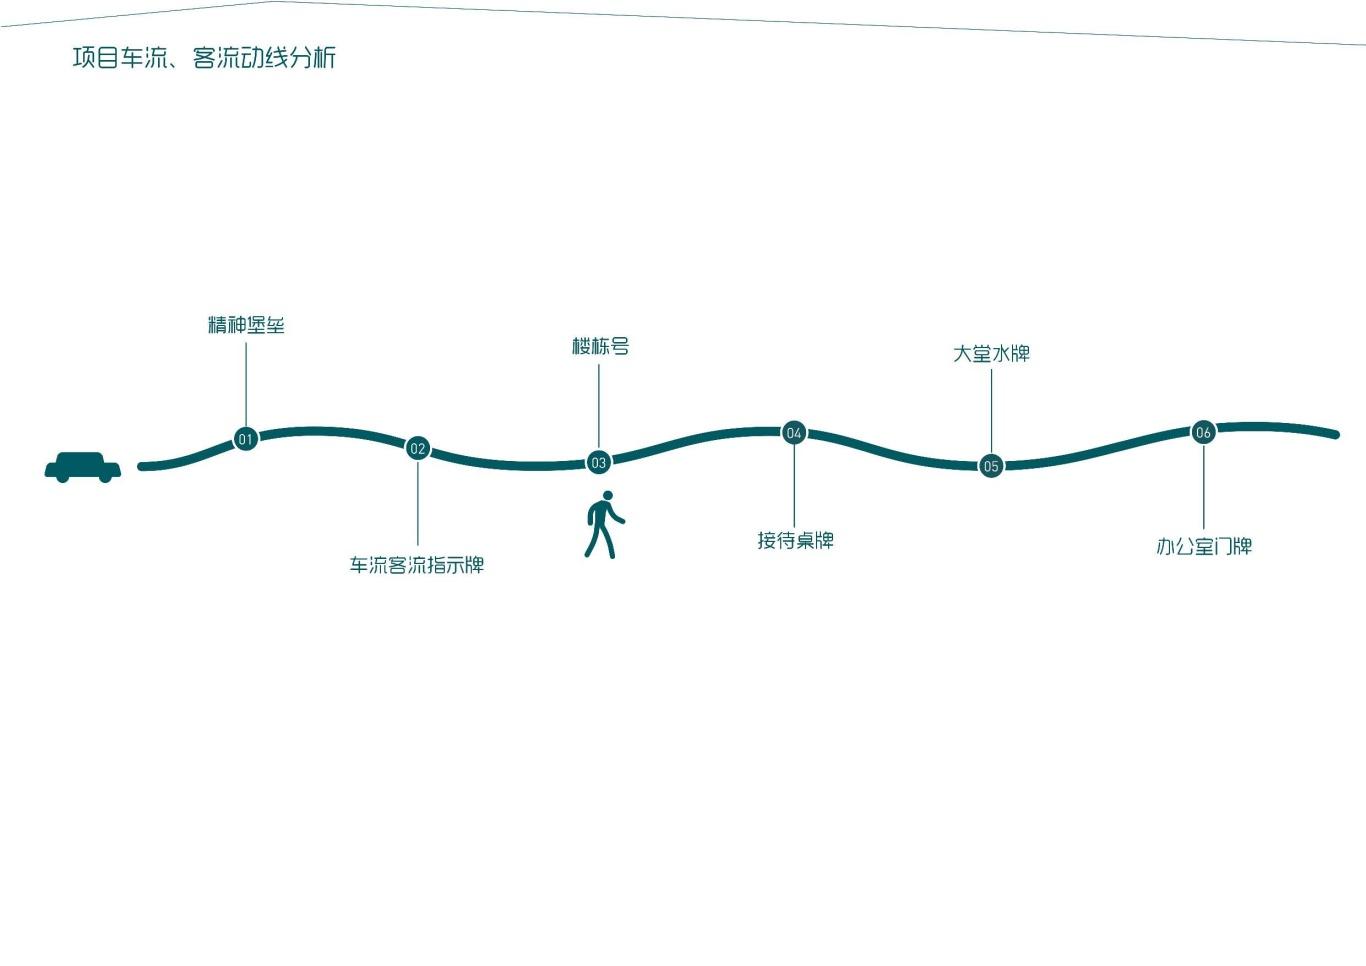 大连泰达慧谷开发区导视系统设计图4